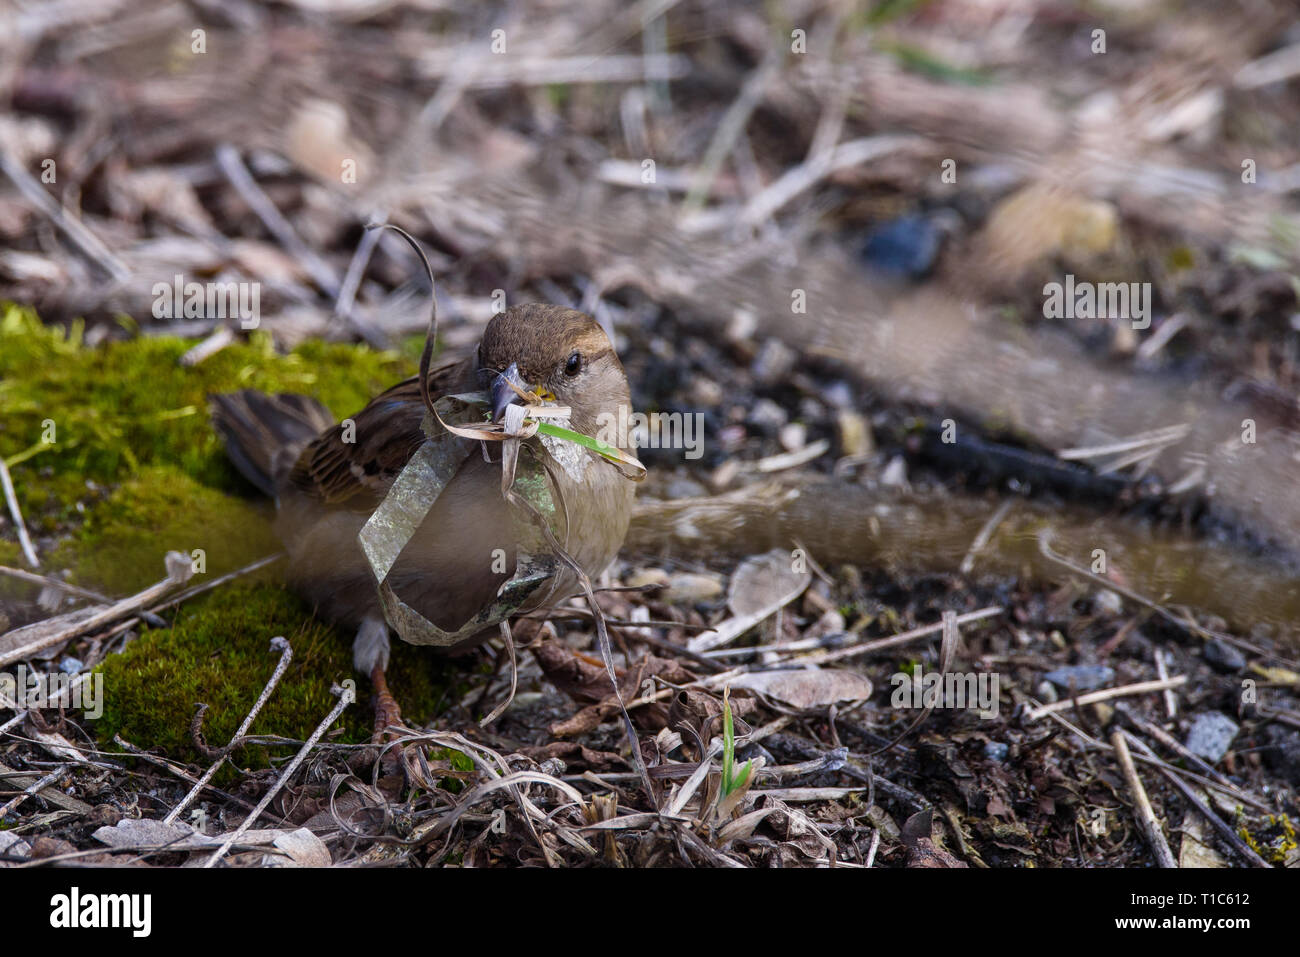 El enfoque selectivo foto. Ave hembra gorrión (Passer domesticus) con lente de plástico en su pico. Imagen De Stock